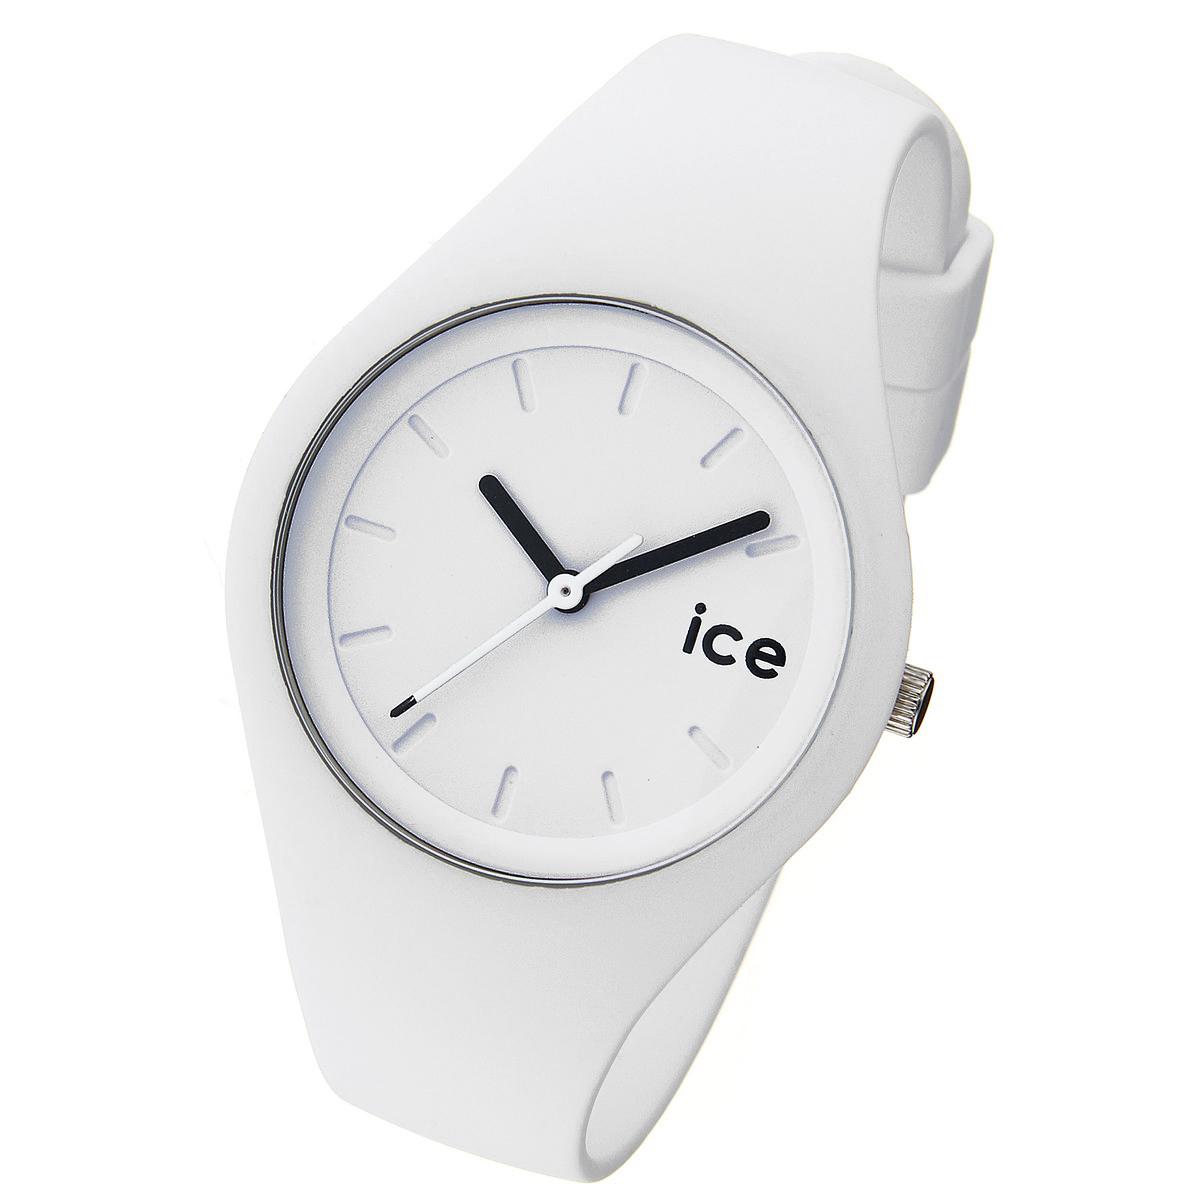 アイスウォッチ ICE-WATCH アイス オラ Ice Ola ICE.WE.S.S.14 000992 レディース 時計 腕時計 クオーツ